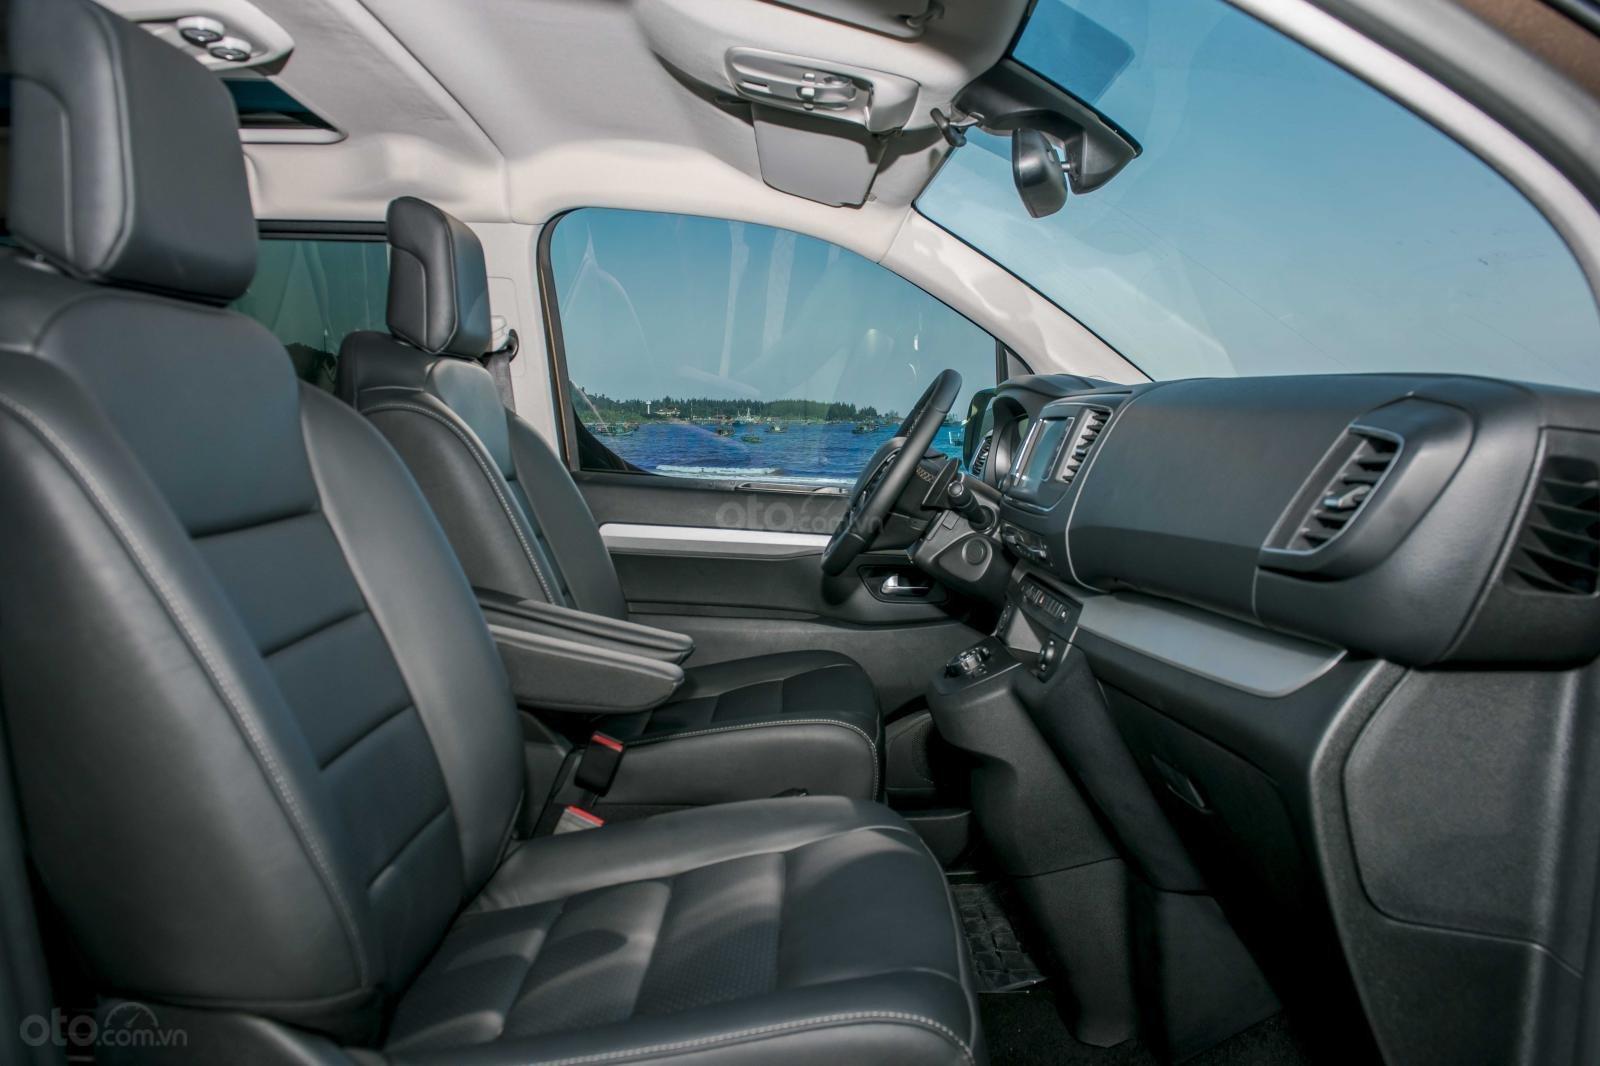 Peugeot Traveller Luxury 2019 - Có xe giao ngay - Nhiều ưu đãi hấp dẫn - Trả trước 20% nhận xe - Hotline: 0909.450.005-8